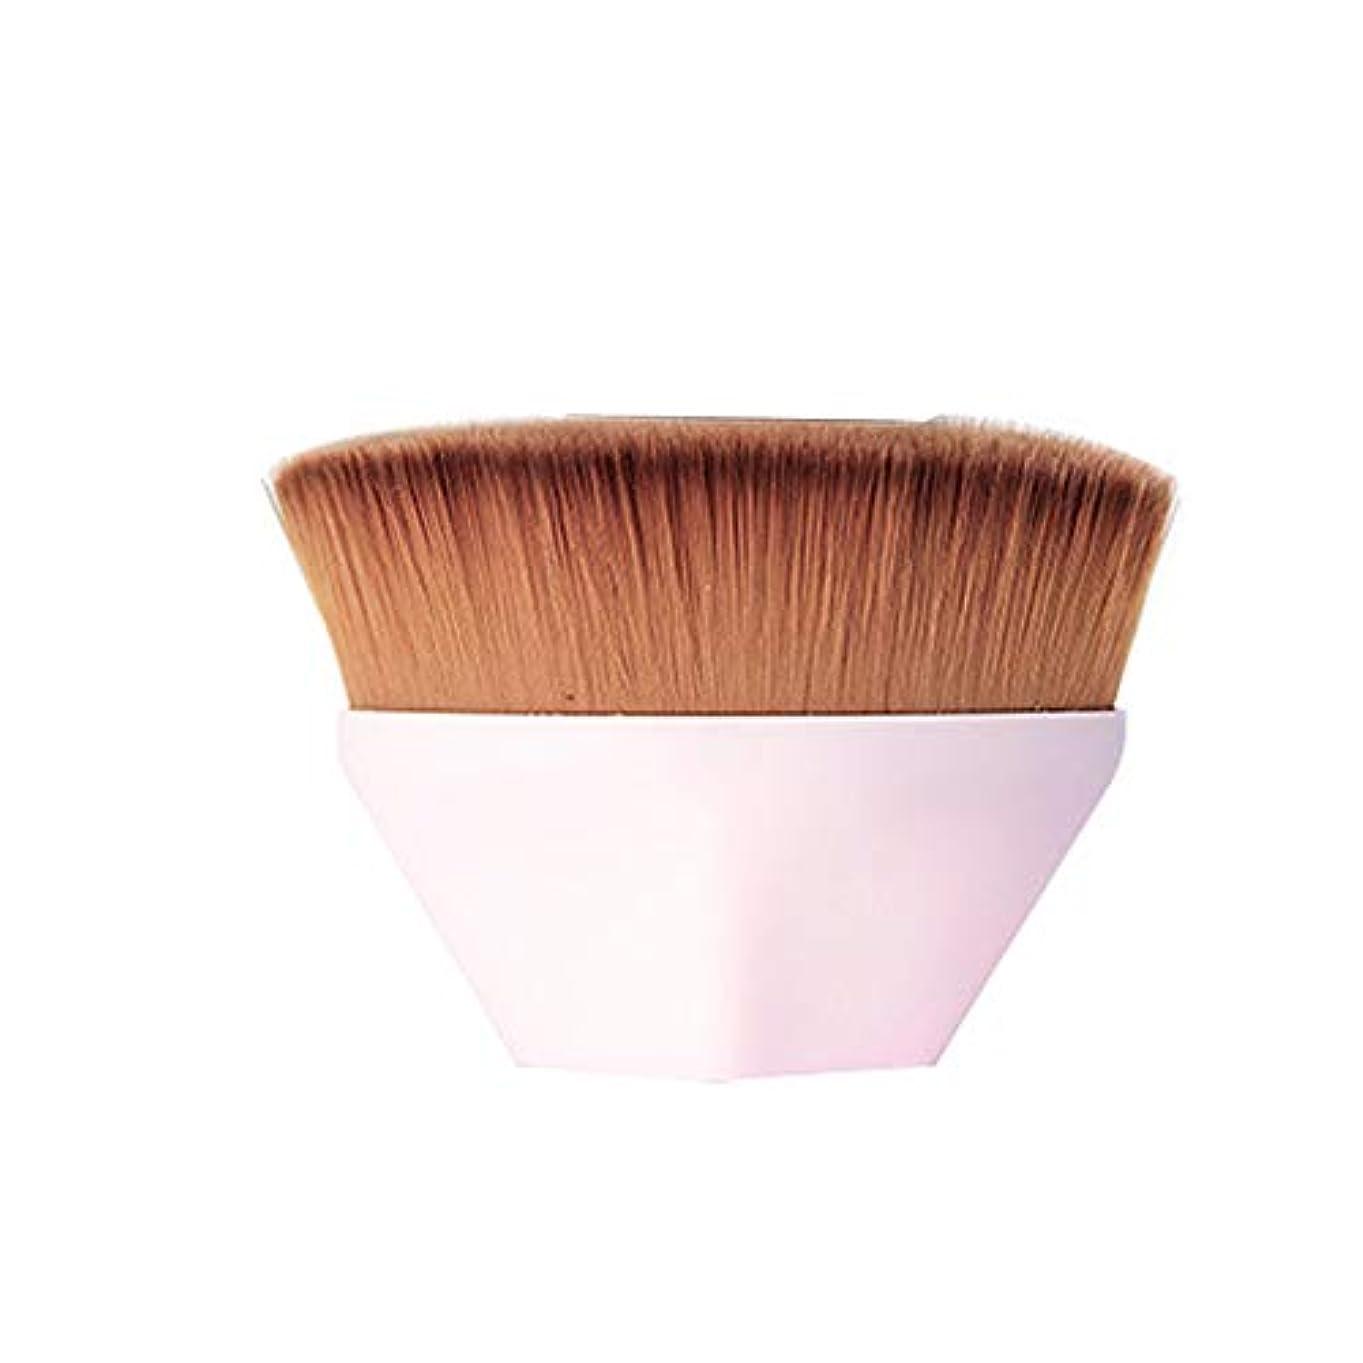 会社成功買収YuJiny メイクアップブラシ 粧ブラシ 可愛い 化粧筆 肌に優しい ファンデーションブラシ アイシャドウブラシ 携帯便利 (ホワイト)